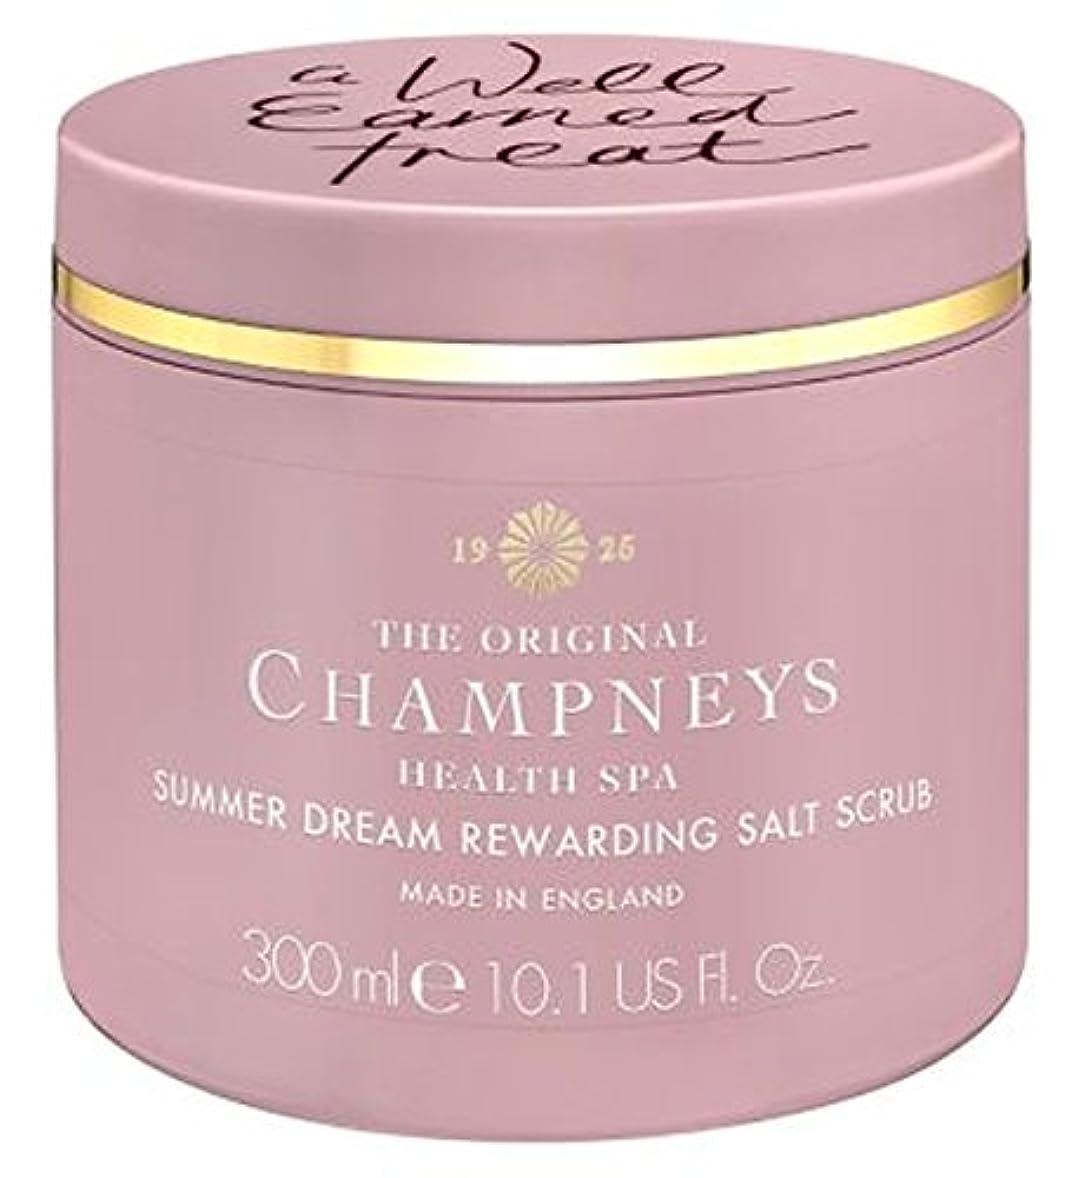 アサー事業将来のチャンプニーズの夏の夢やりがいの塩スクラブ300ミリリットル (Champneys) (x2) - Champneys Summer Dream Rewarding Salt Scrub 300ml (Pack of 2) [並行輸入品]